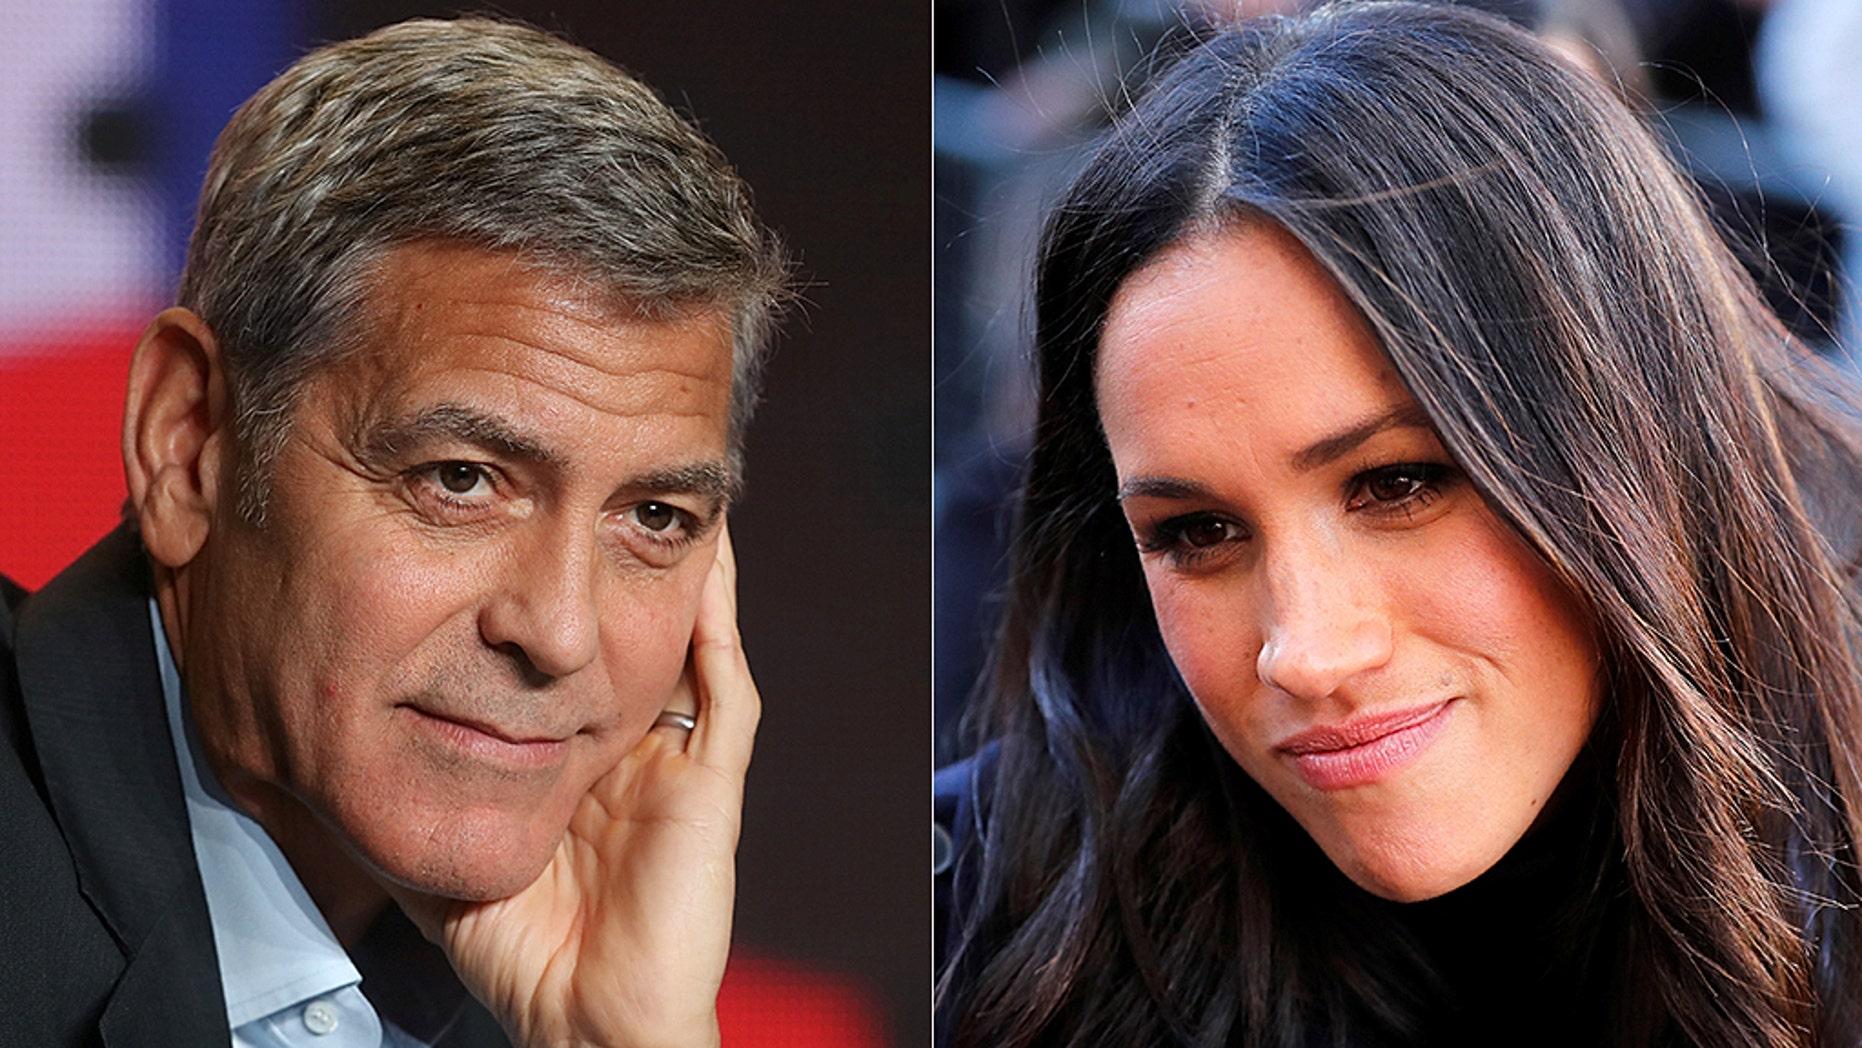 George Clooney is defending Meghan Markle.